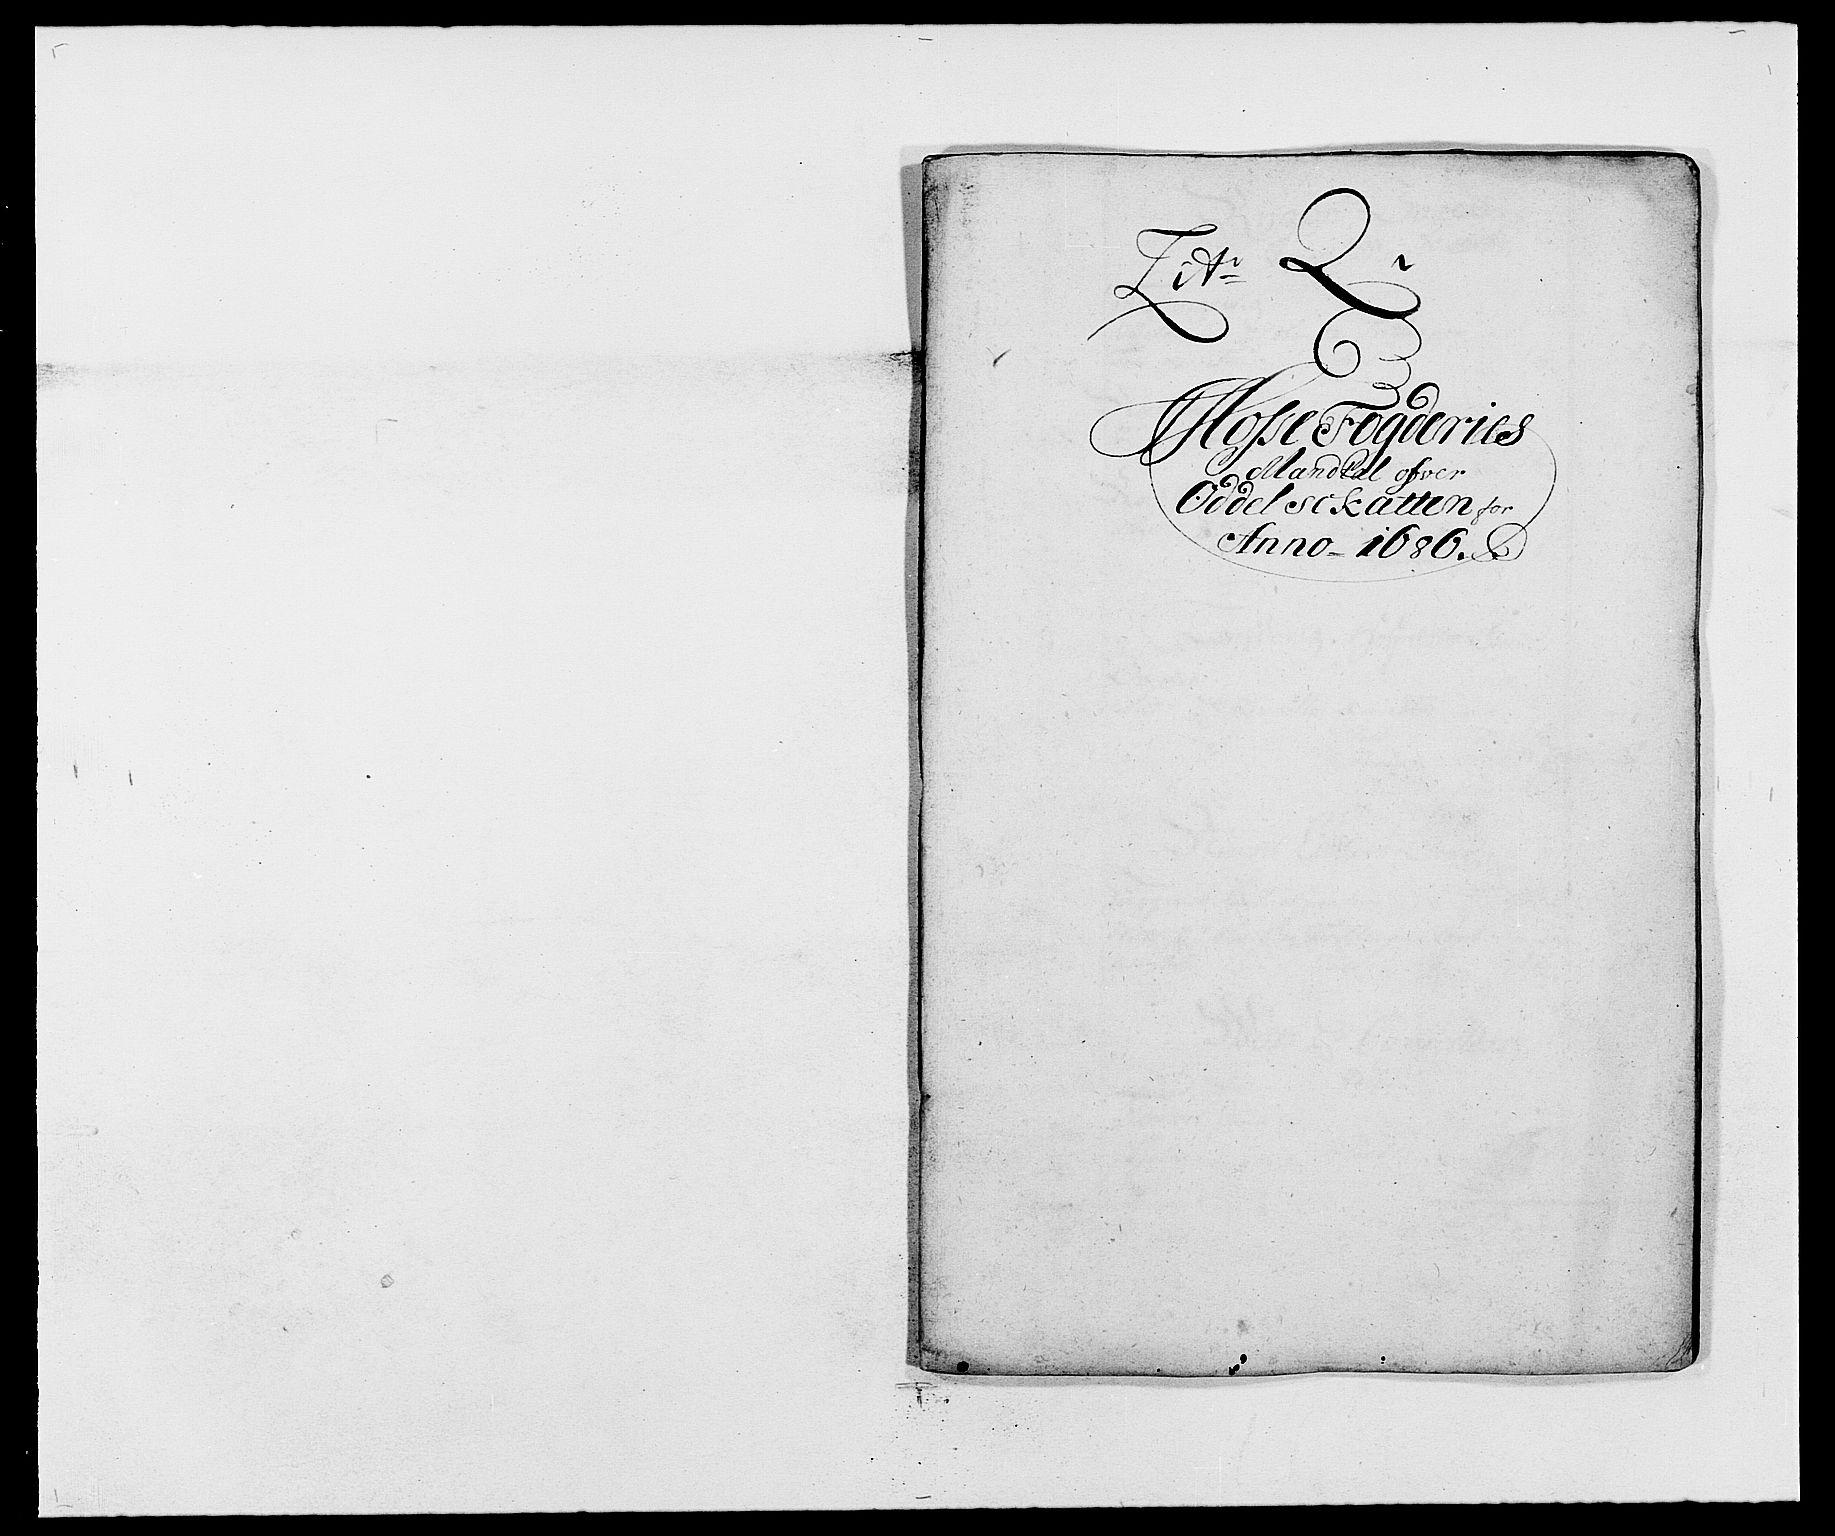 RA, Rentekammeret inntil 1814, Reviderte regnskaper, Fogderegnskap, R02/L0105: Fogderegnskap Moss og Verne kloster, 1685-1687, s. 215